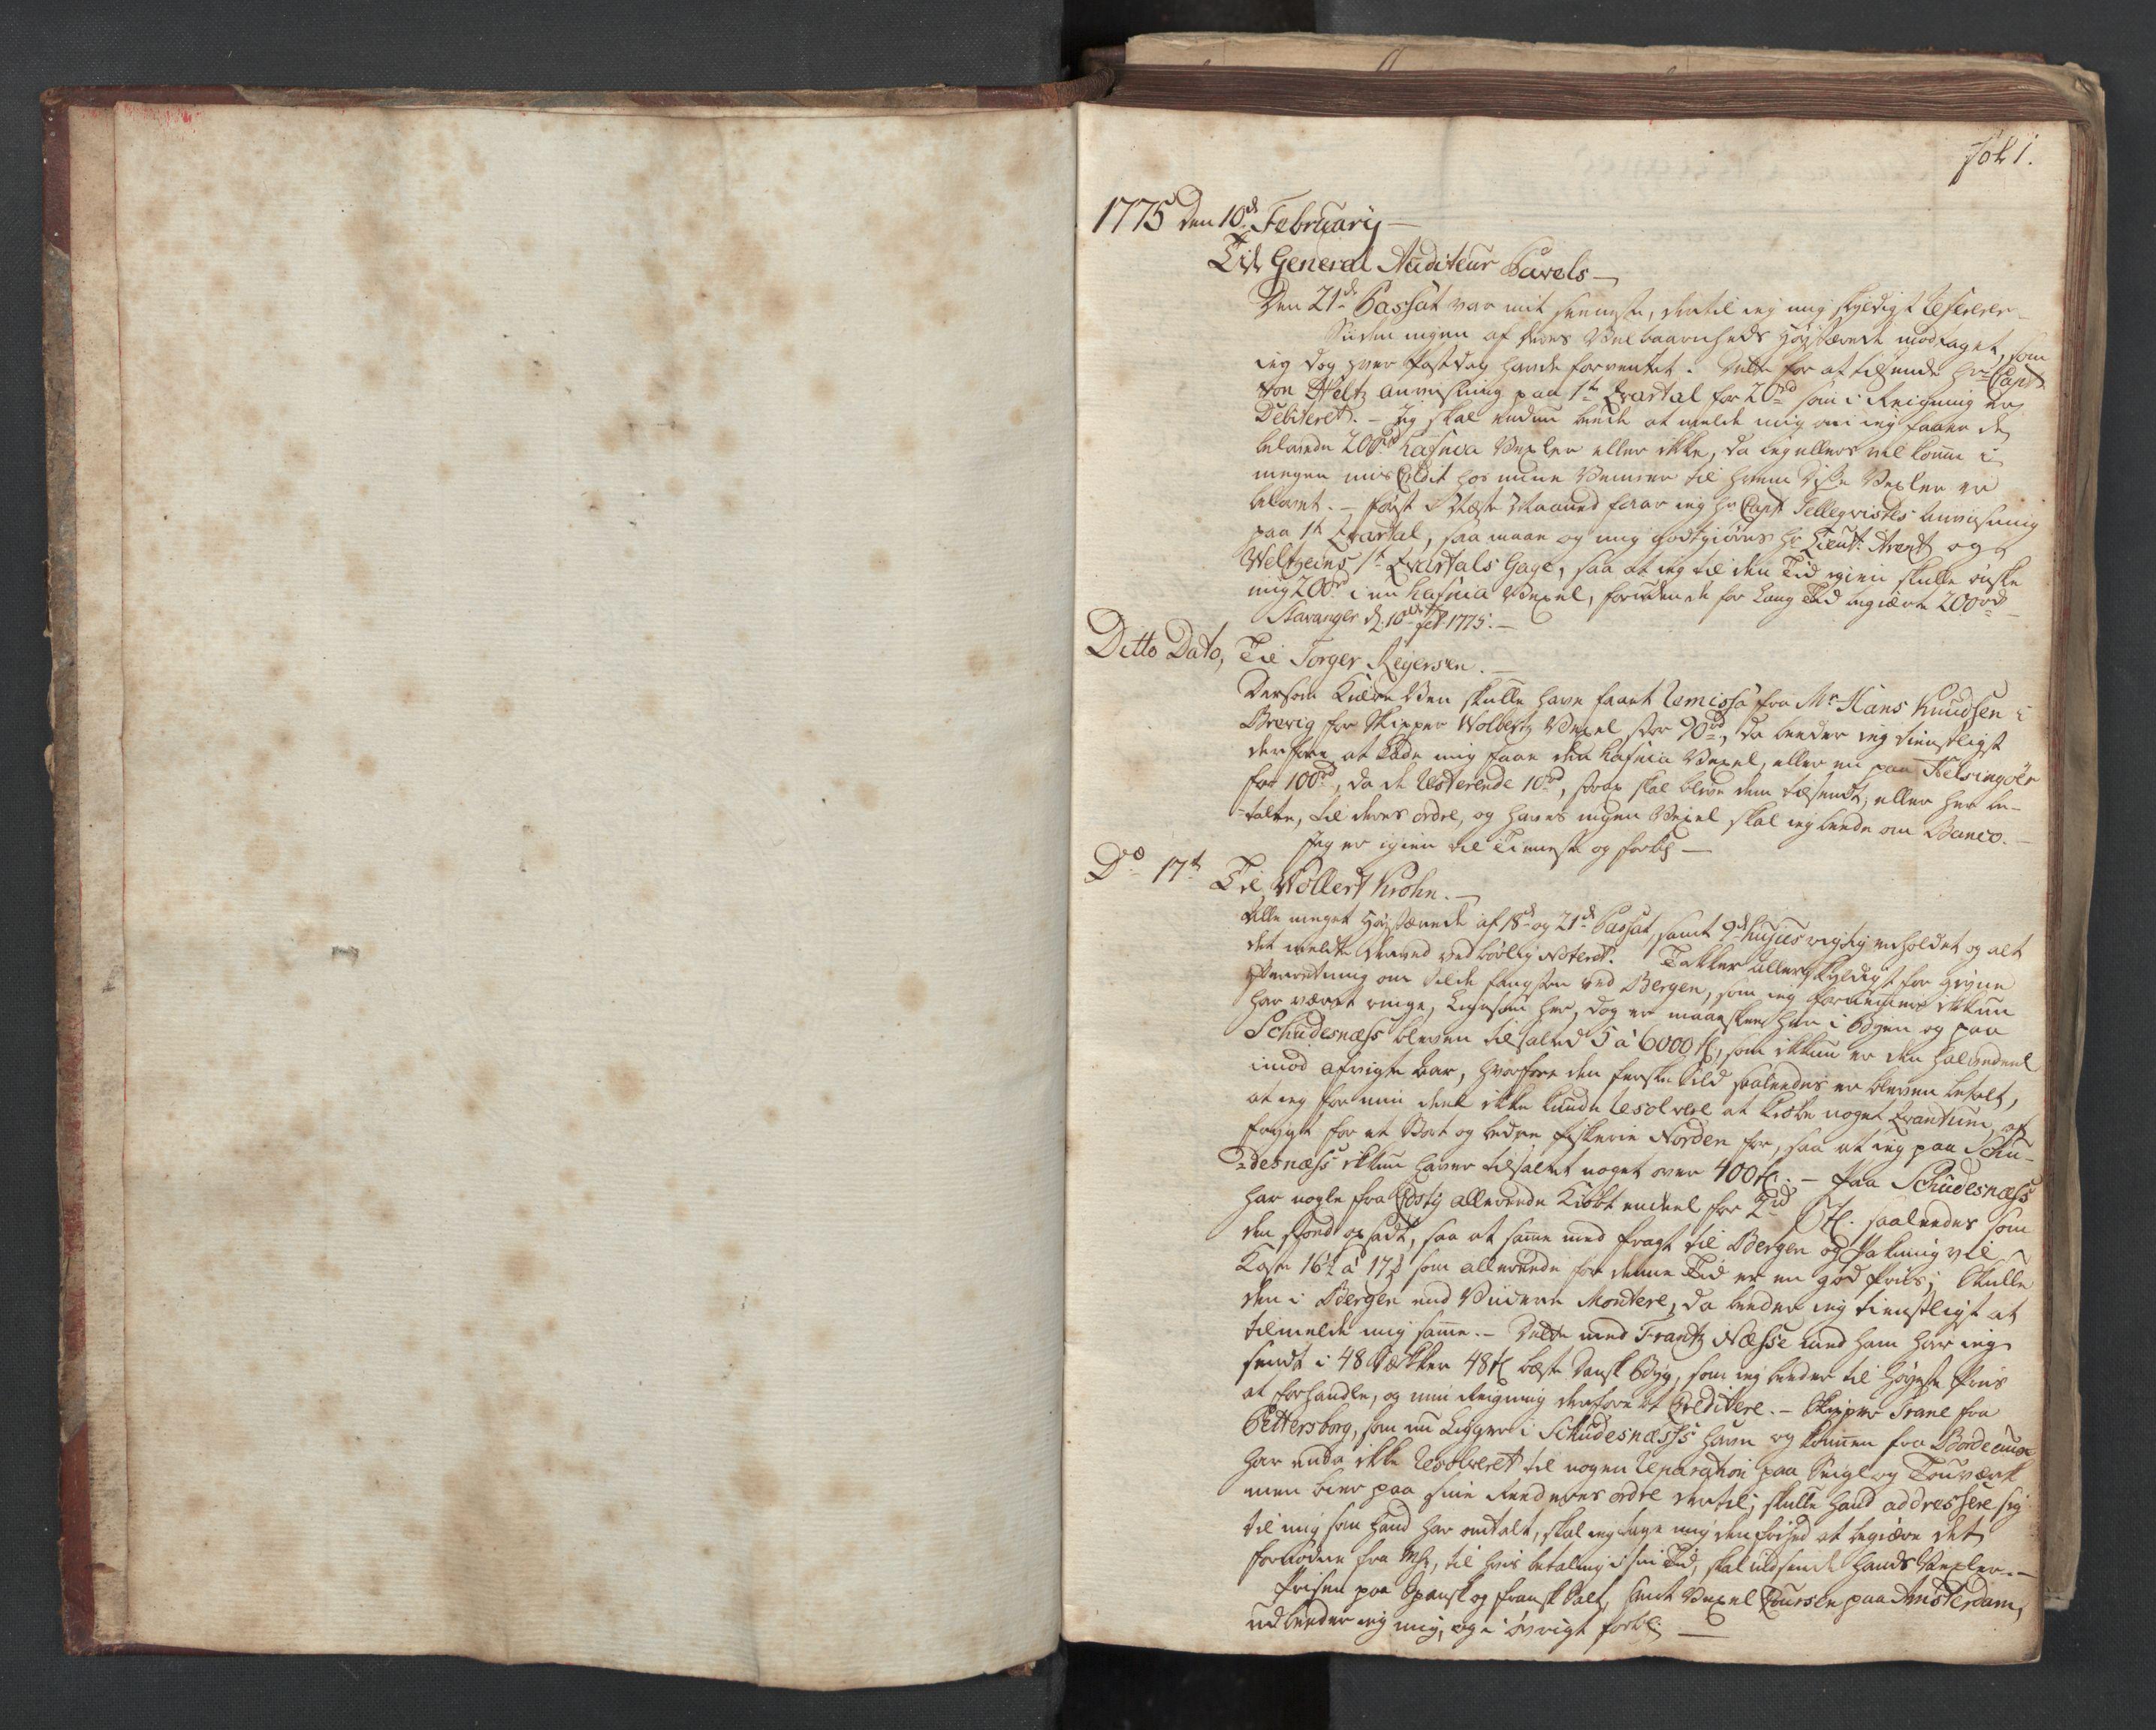 SAST, Pa 0003 - Ploug & Sundt, handelshuset, B/L0003: Kopibok, 1775-1780, s. 1a